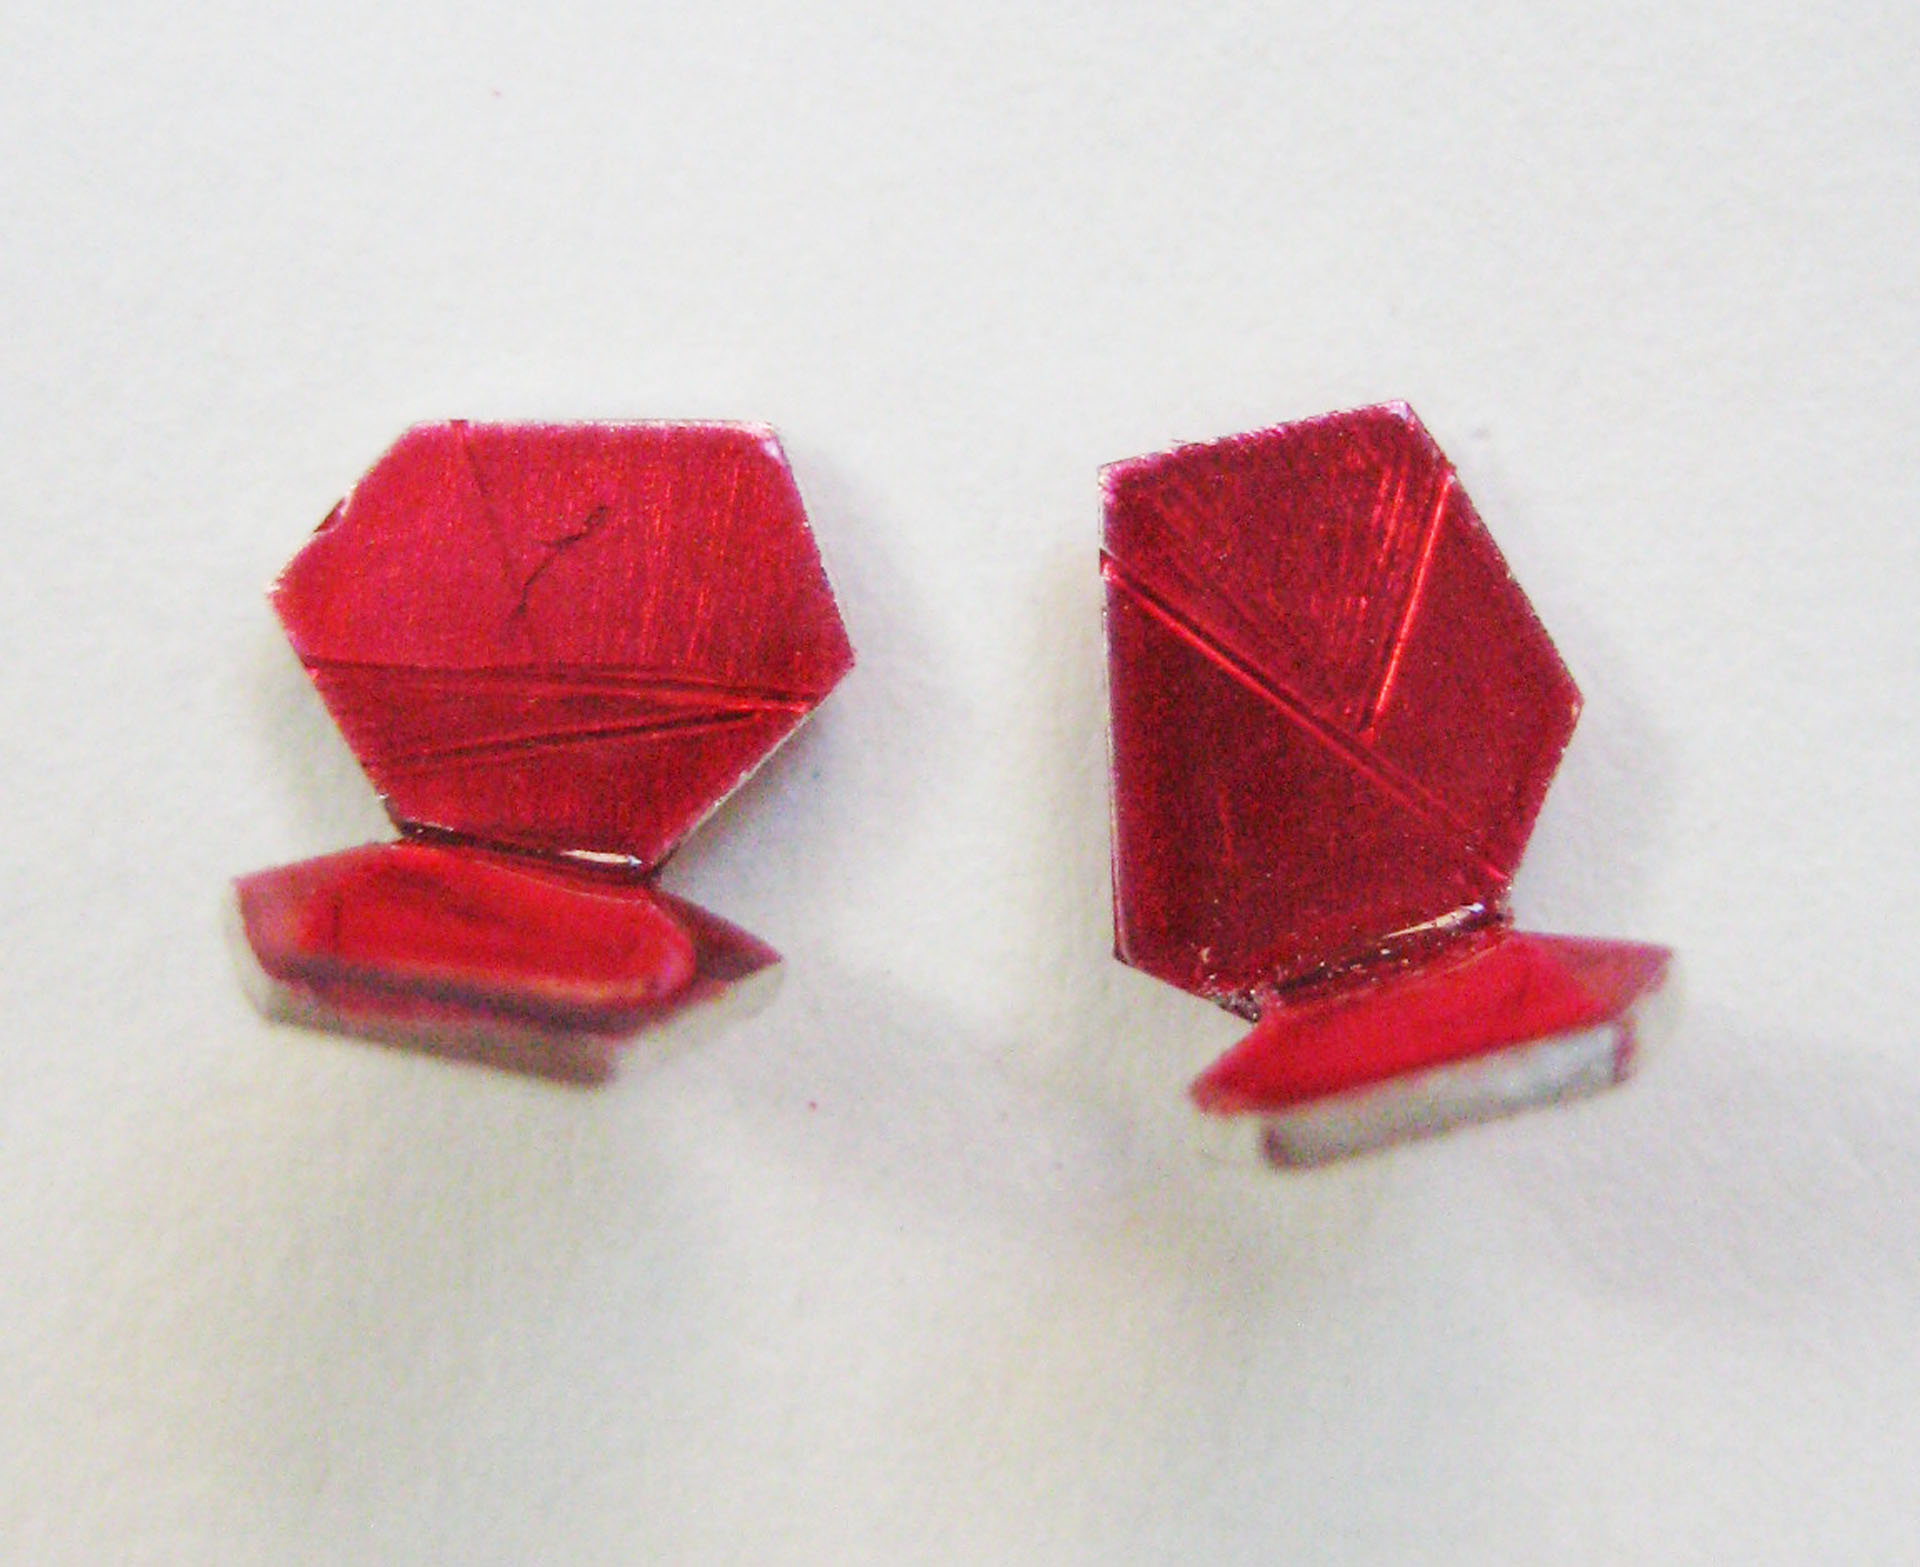 10-Tiny Red Ear Gems-Voegele.jpg